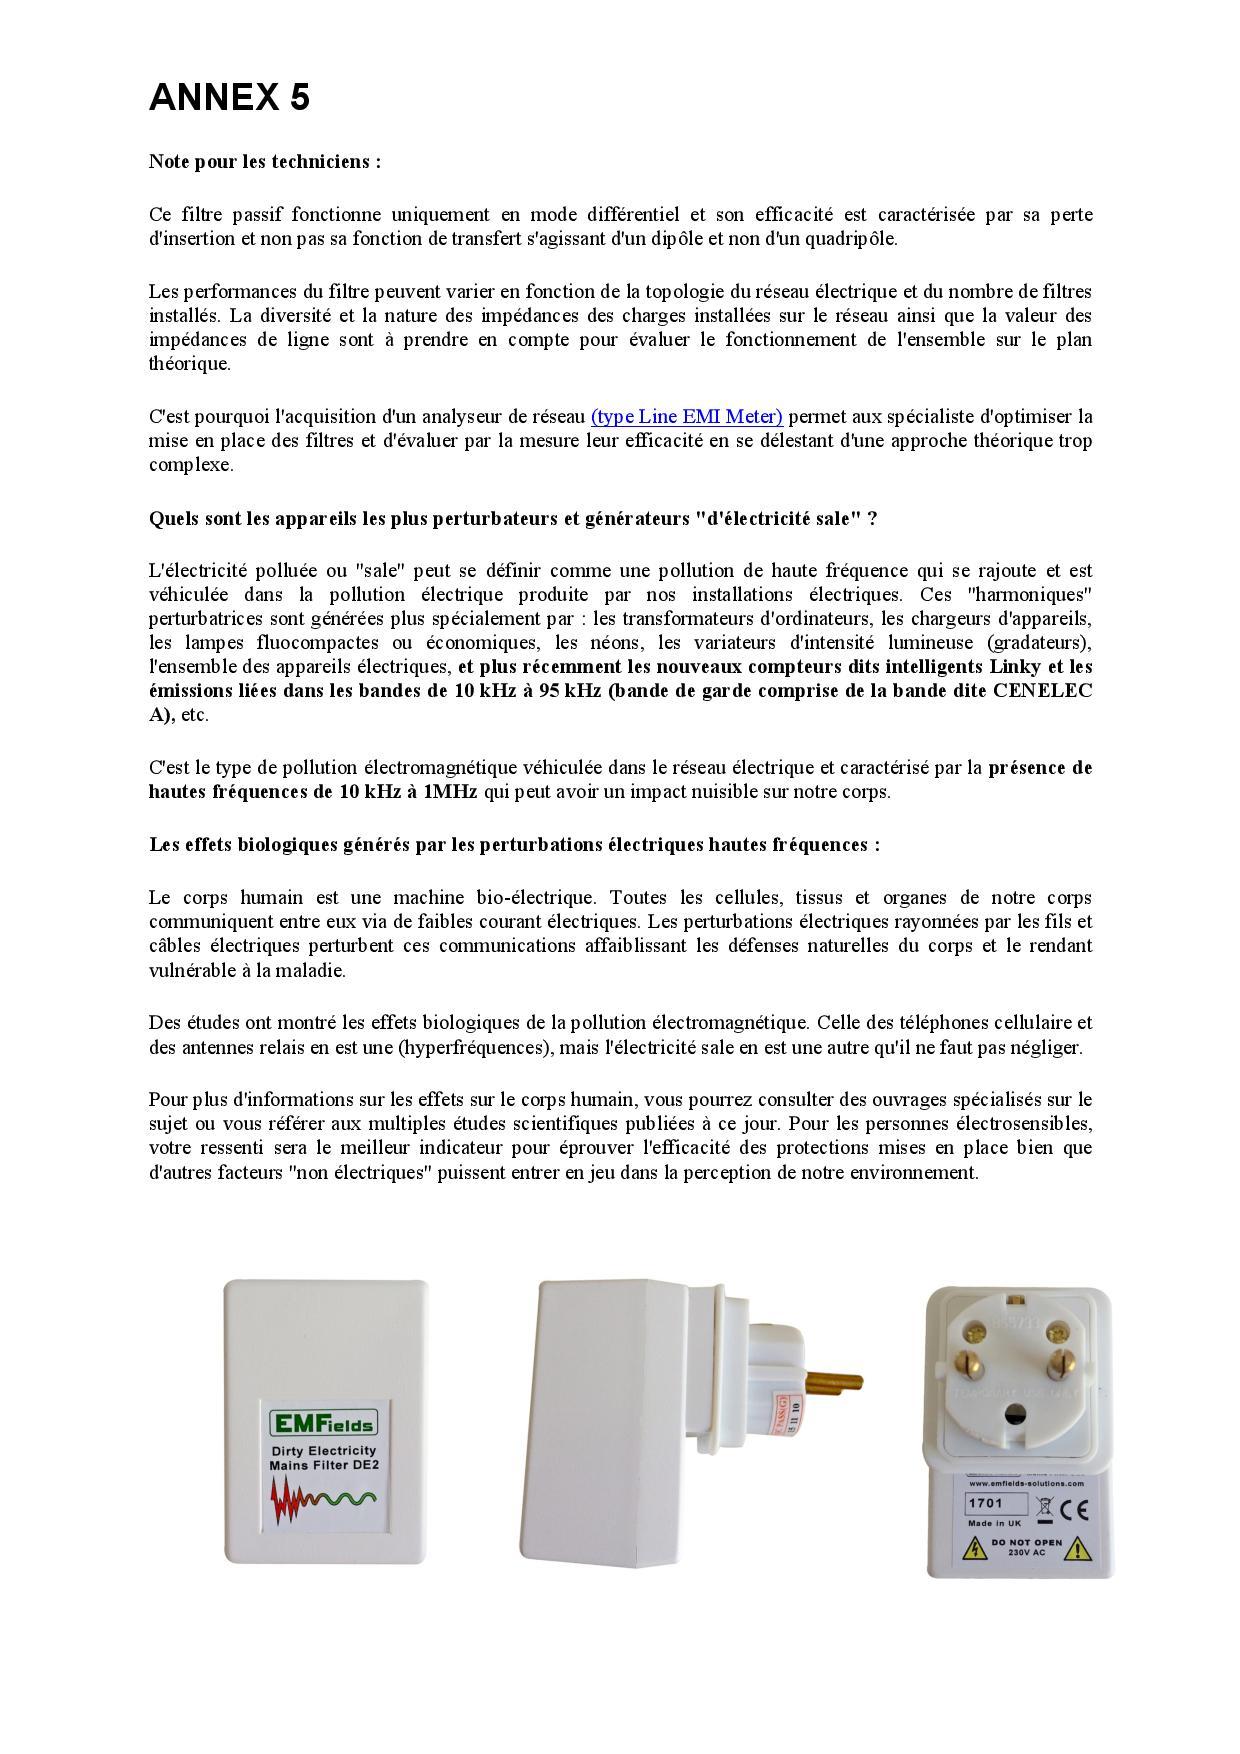 Annex 5 EMFields DE2-page-003.jpg